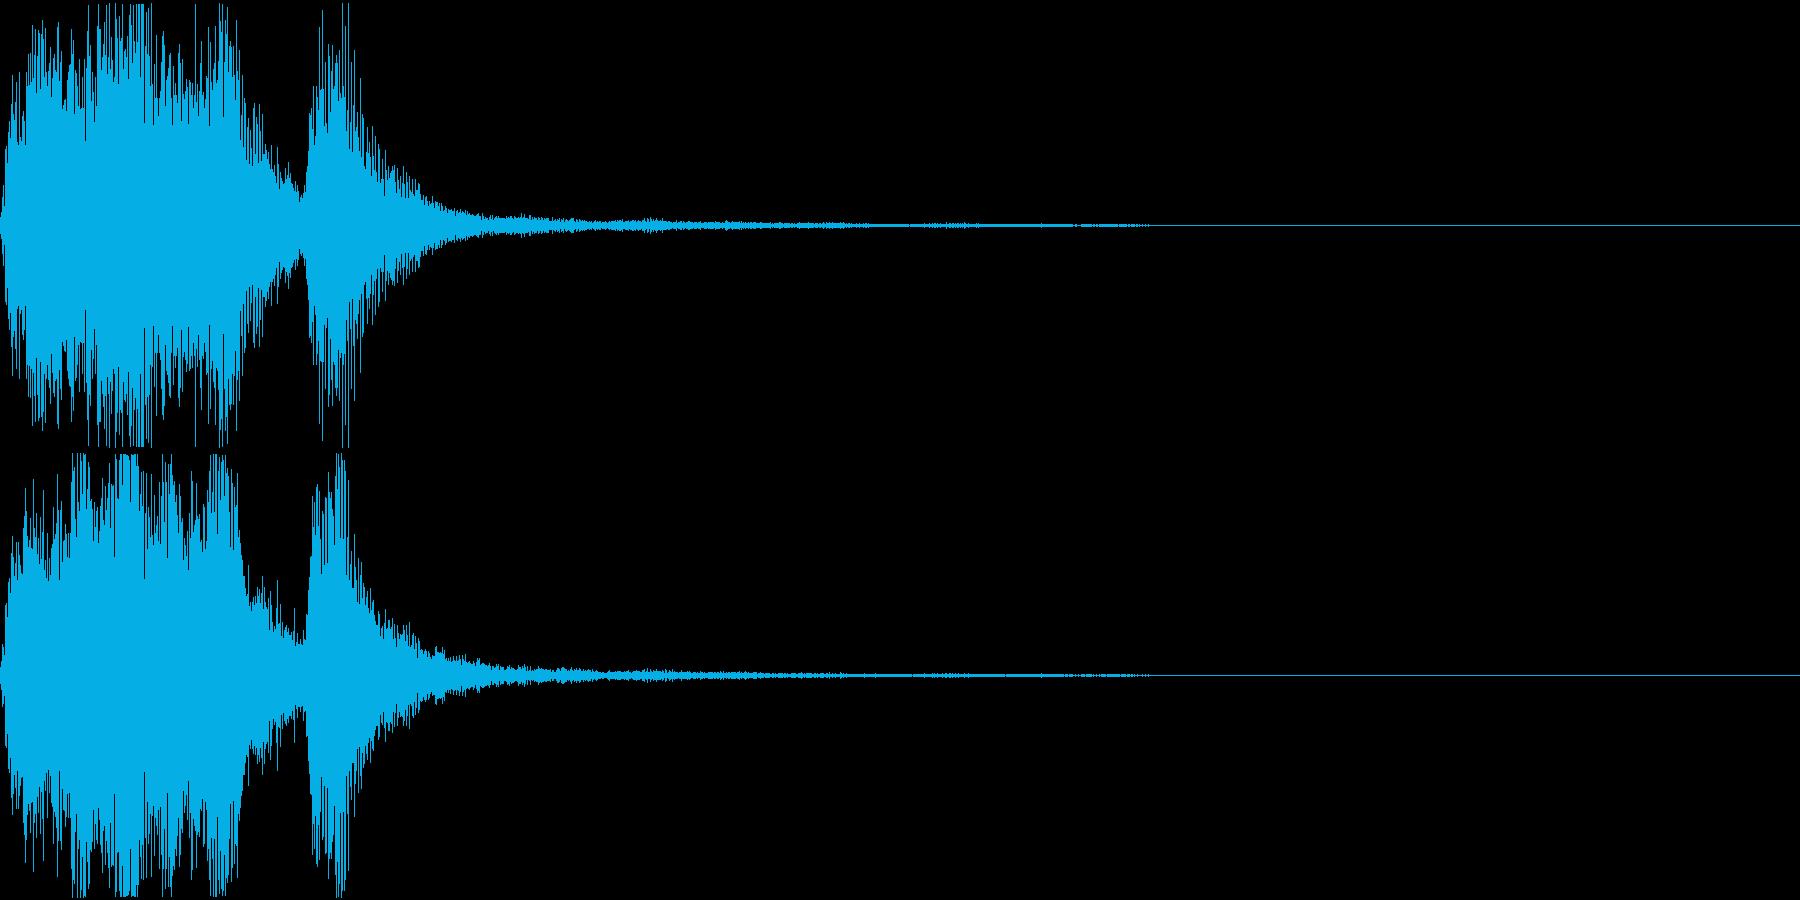 ラッパ ファンファーレ 定番 24の再生済みの波形